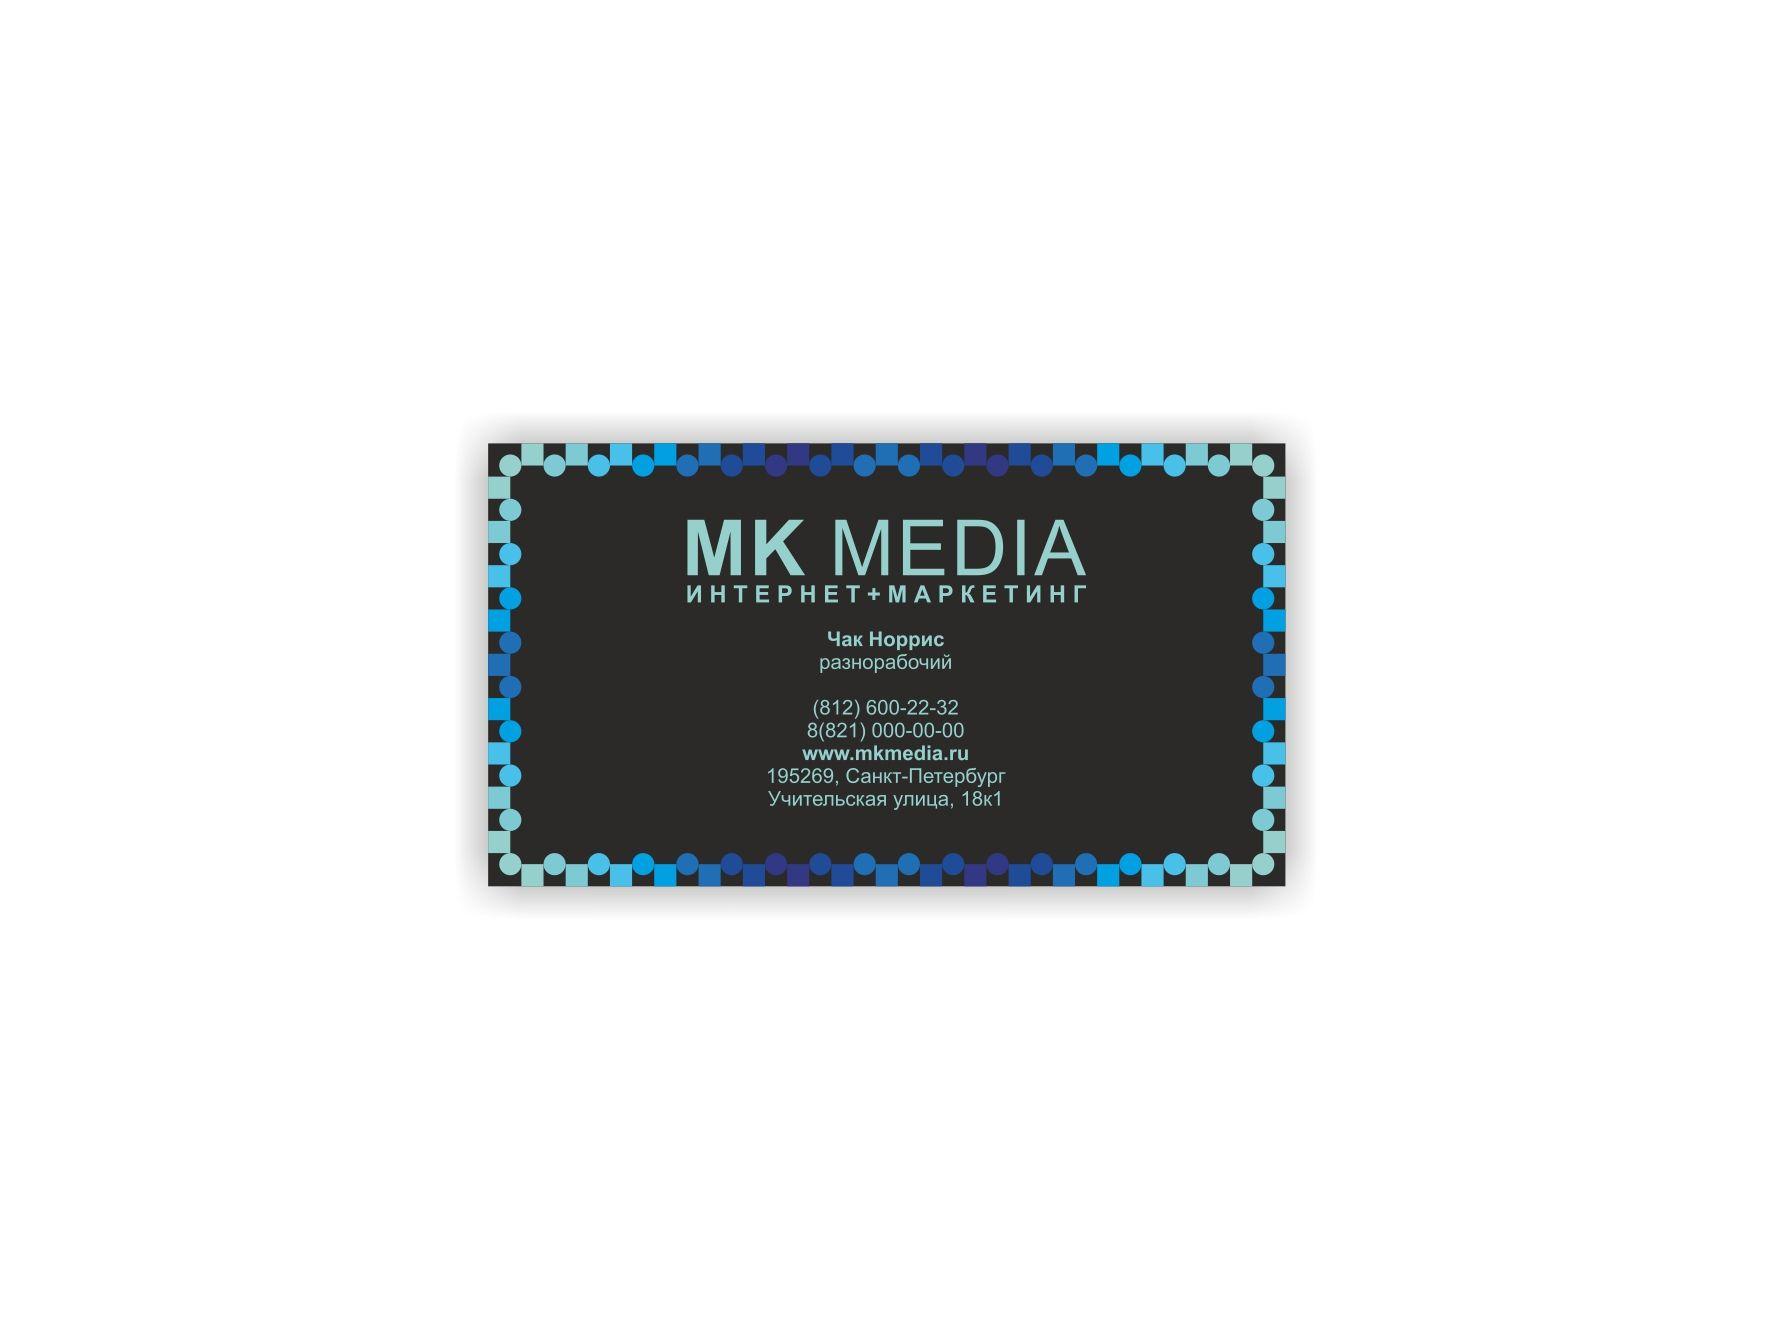 Разработка дизайна визитной карточки - дизайнер VictorBazine